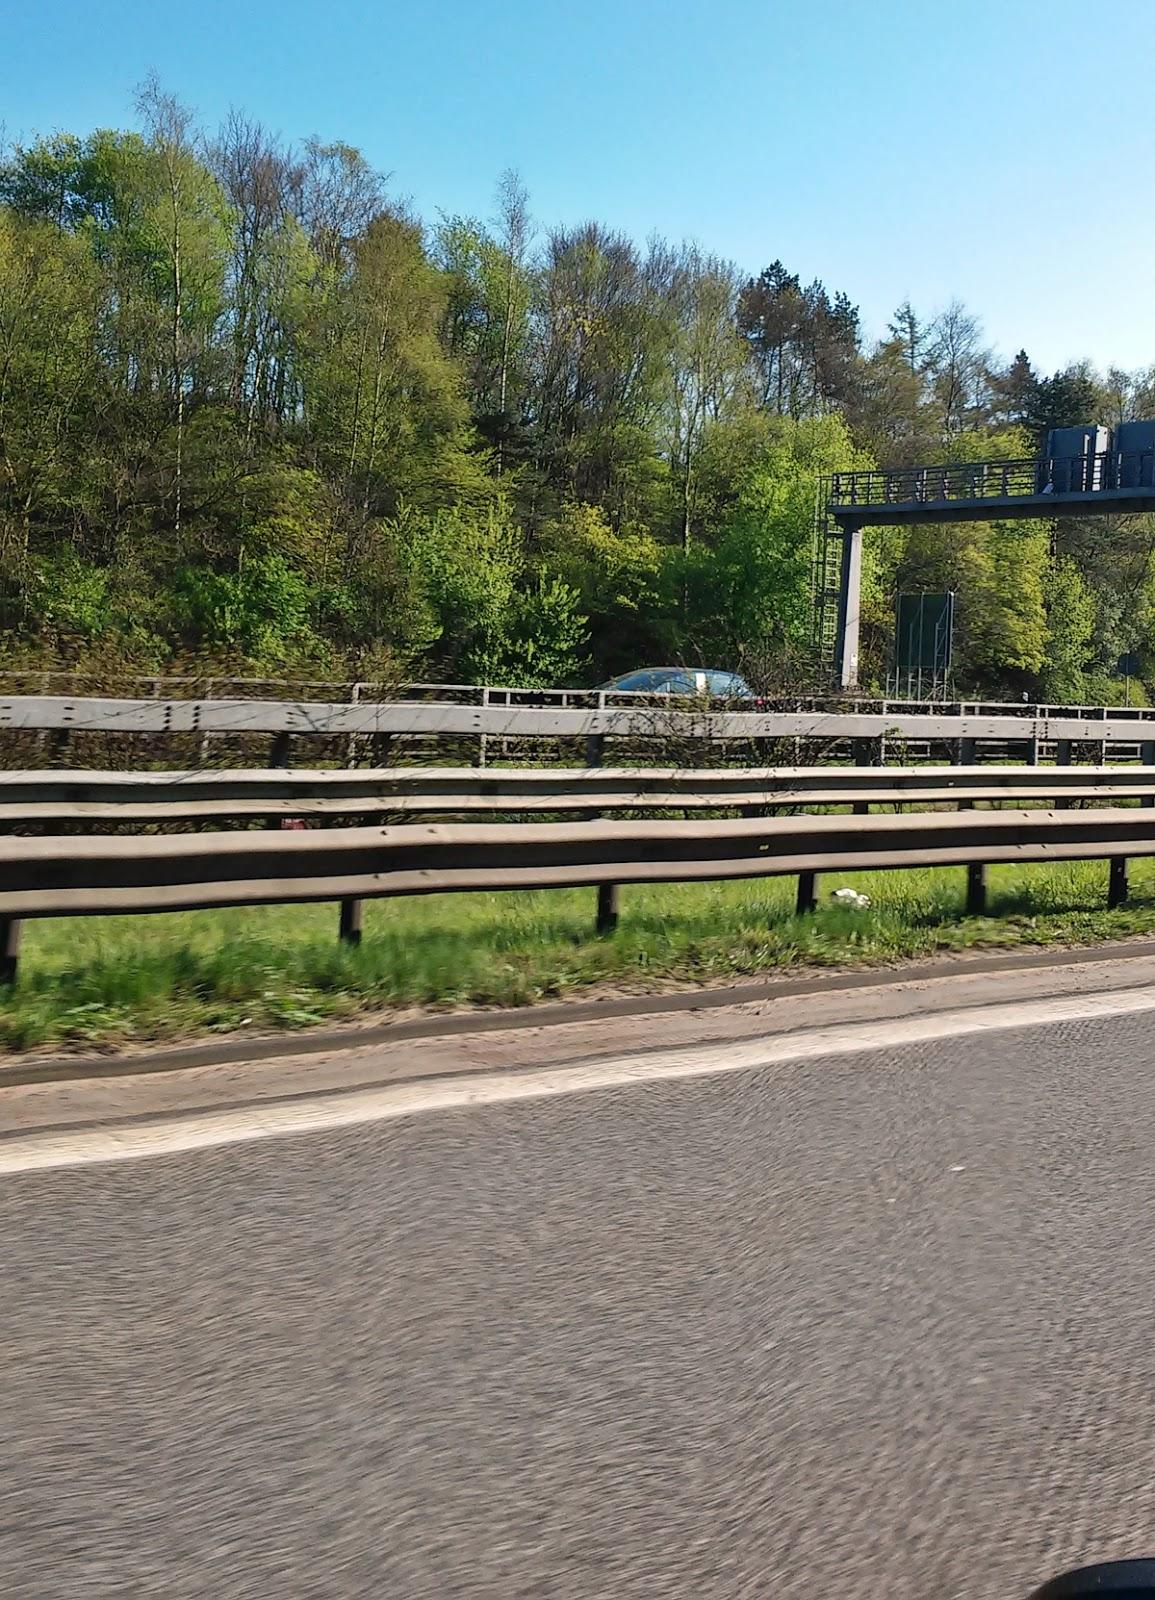 Langer autobahn tunnel der a7 deckel for Tunnel schnelsen